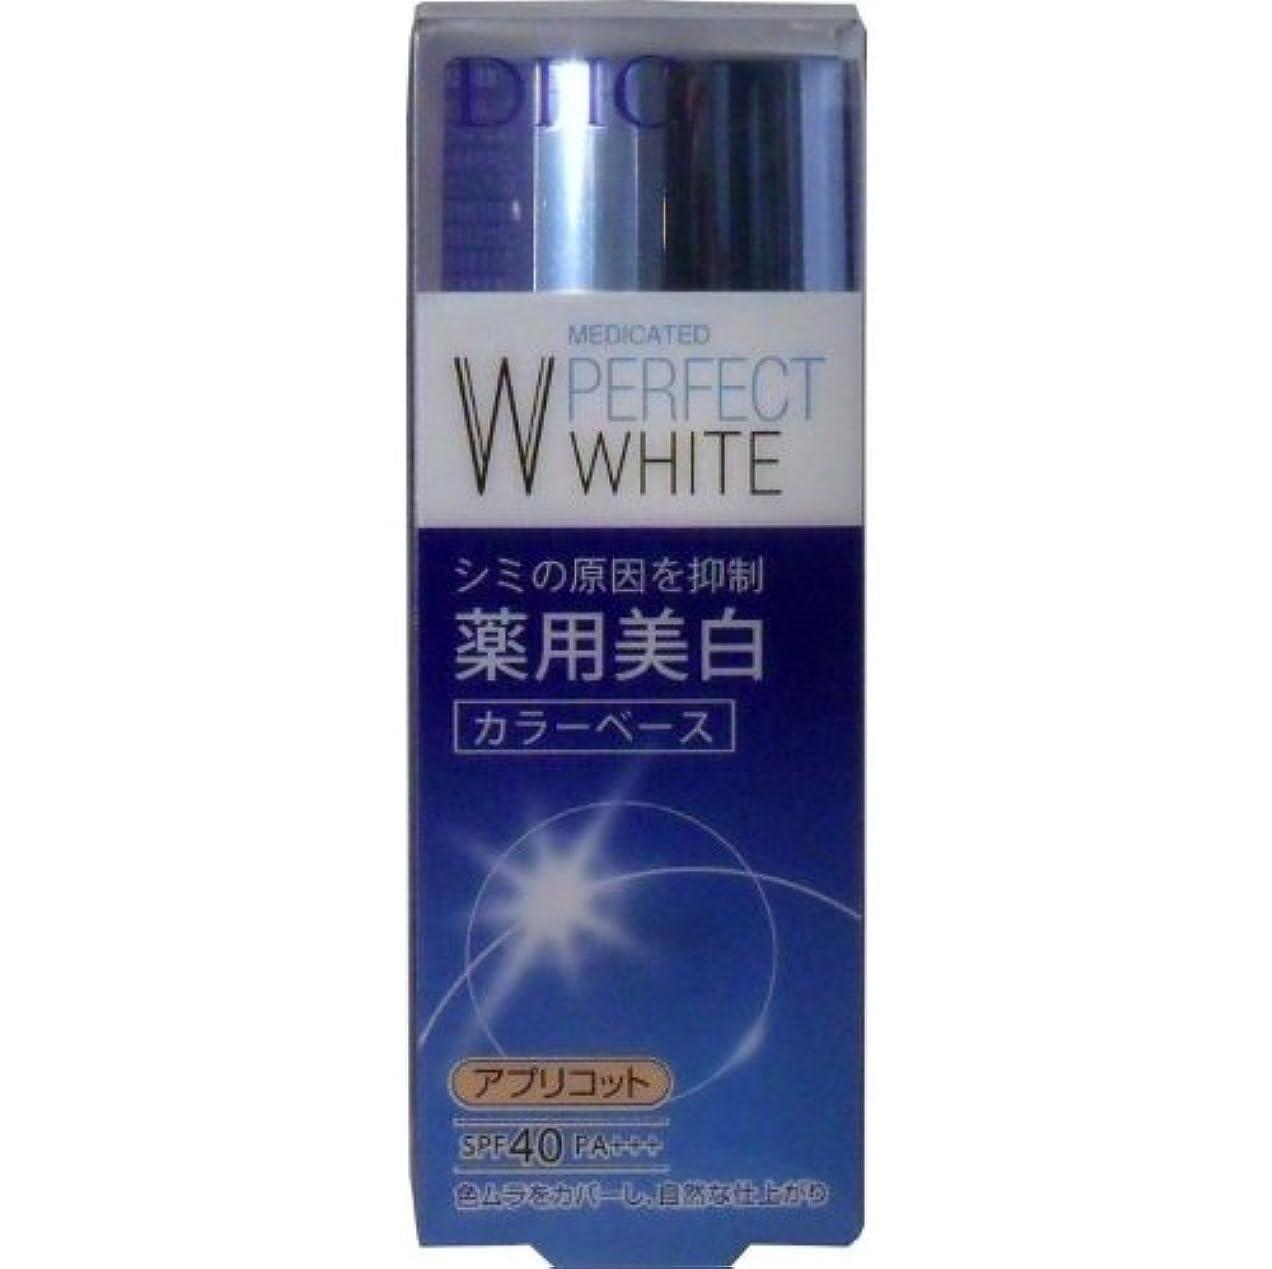 画像ロマンス引き付けるDHC 薬用美白パーフェクトホワイト カラーベース アプリコット 30g